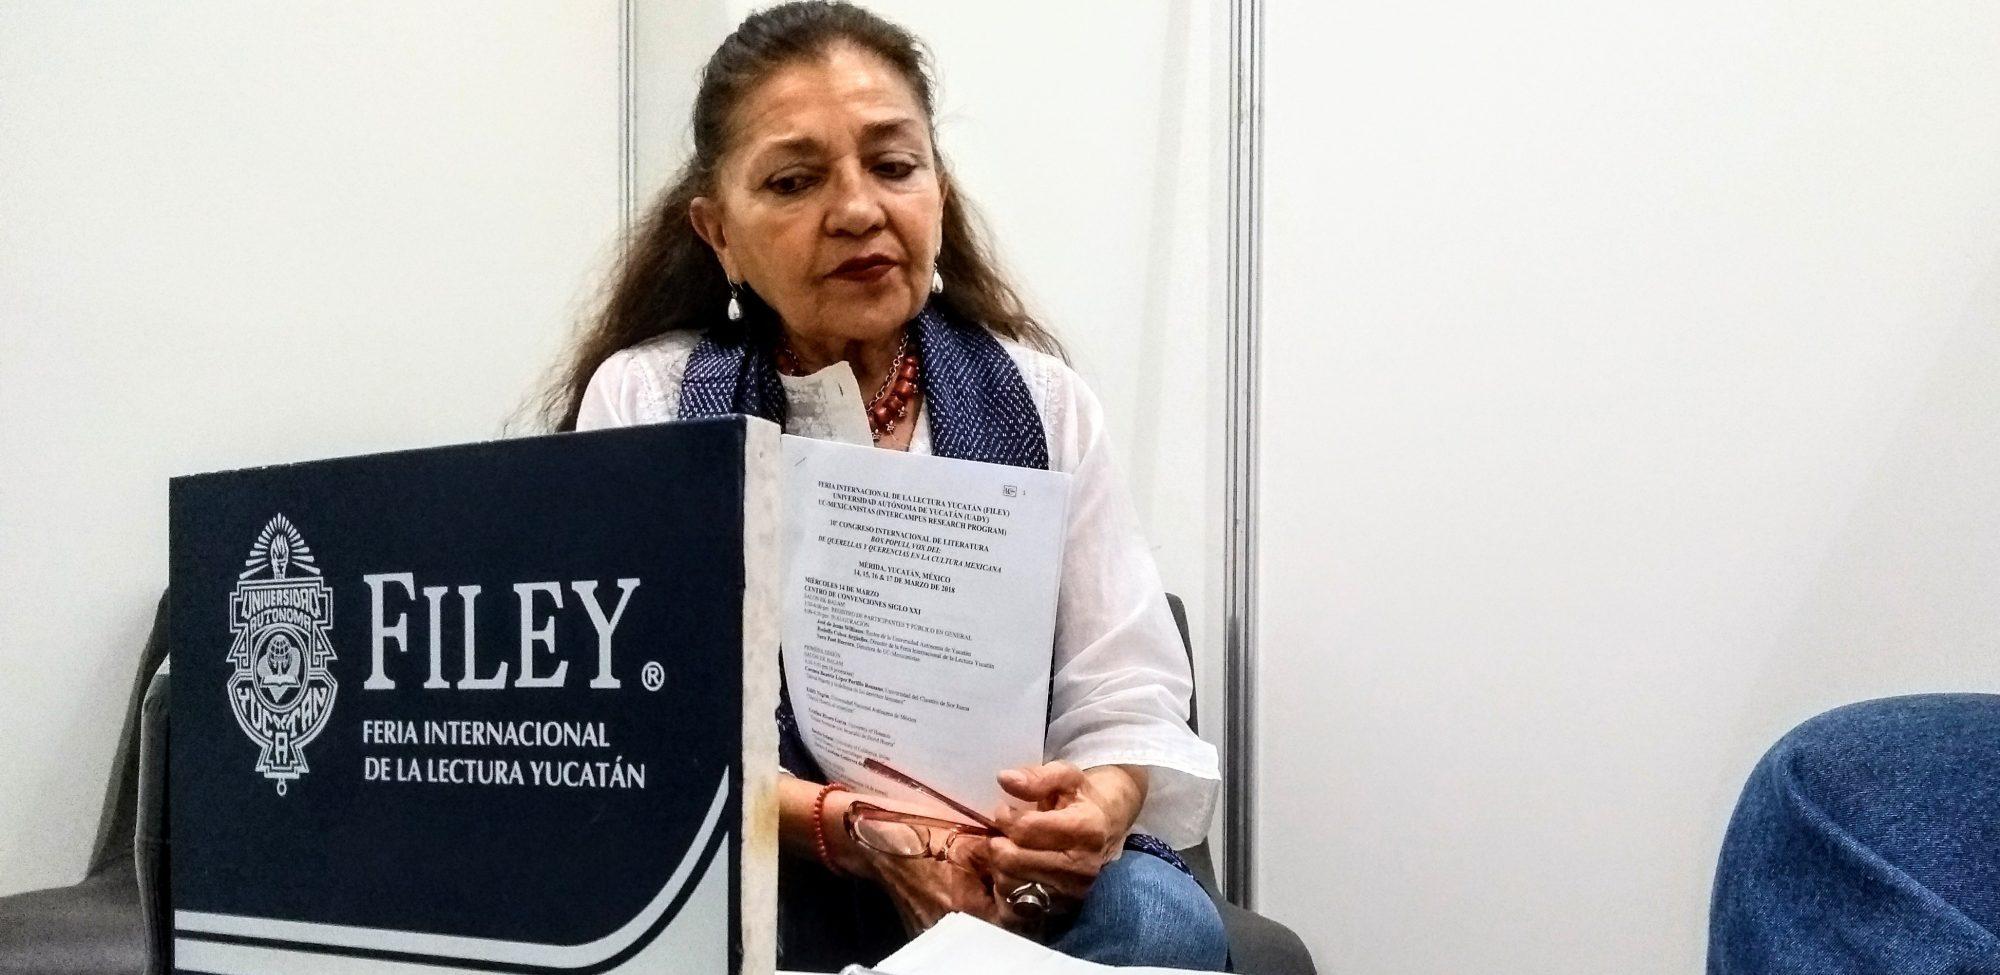 Sí queremos un muro en frontera con EE UU, pero de libros: escritora yucateca